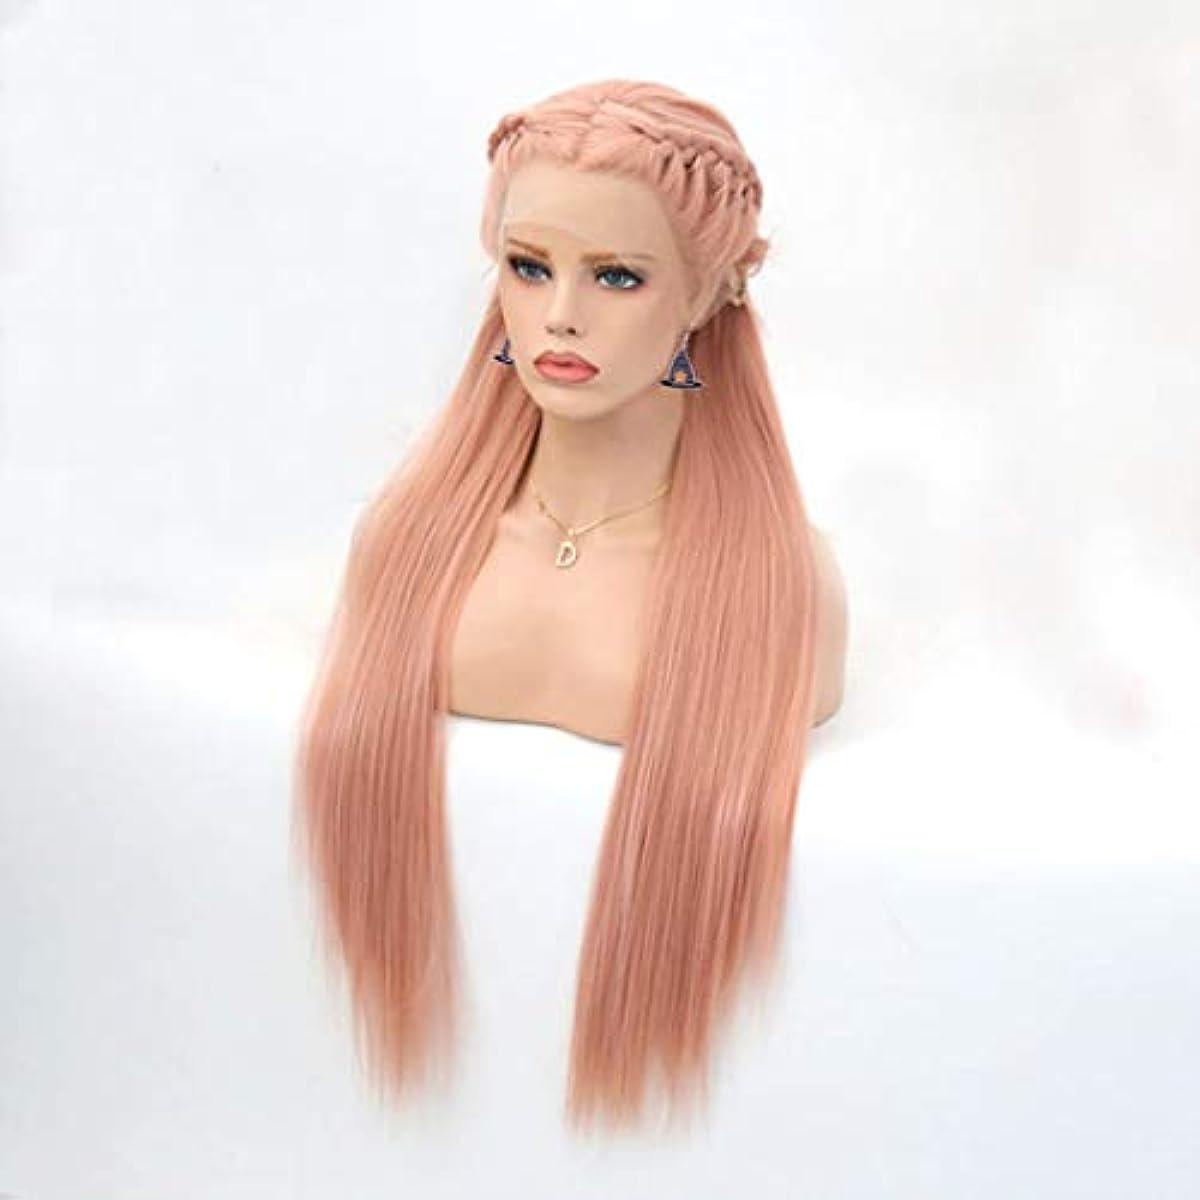 下向きネブ申し立てられたKerwinner 組紐かつら耐熱性女性のための長くまっすぐで自然な合成レースフロントかつら